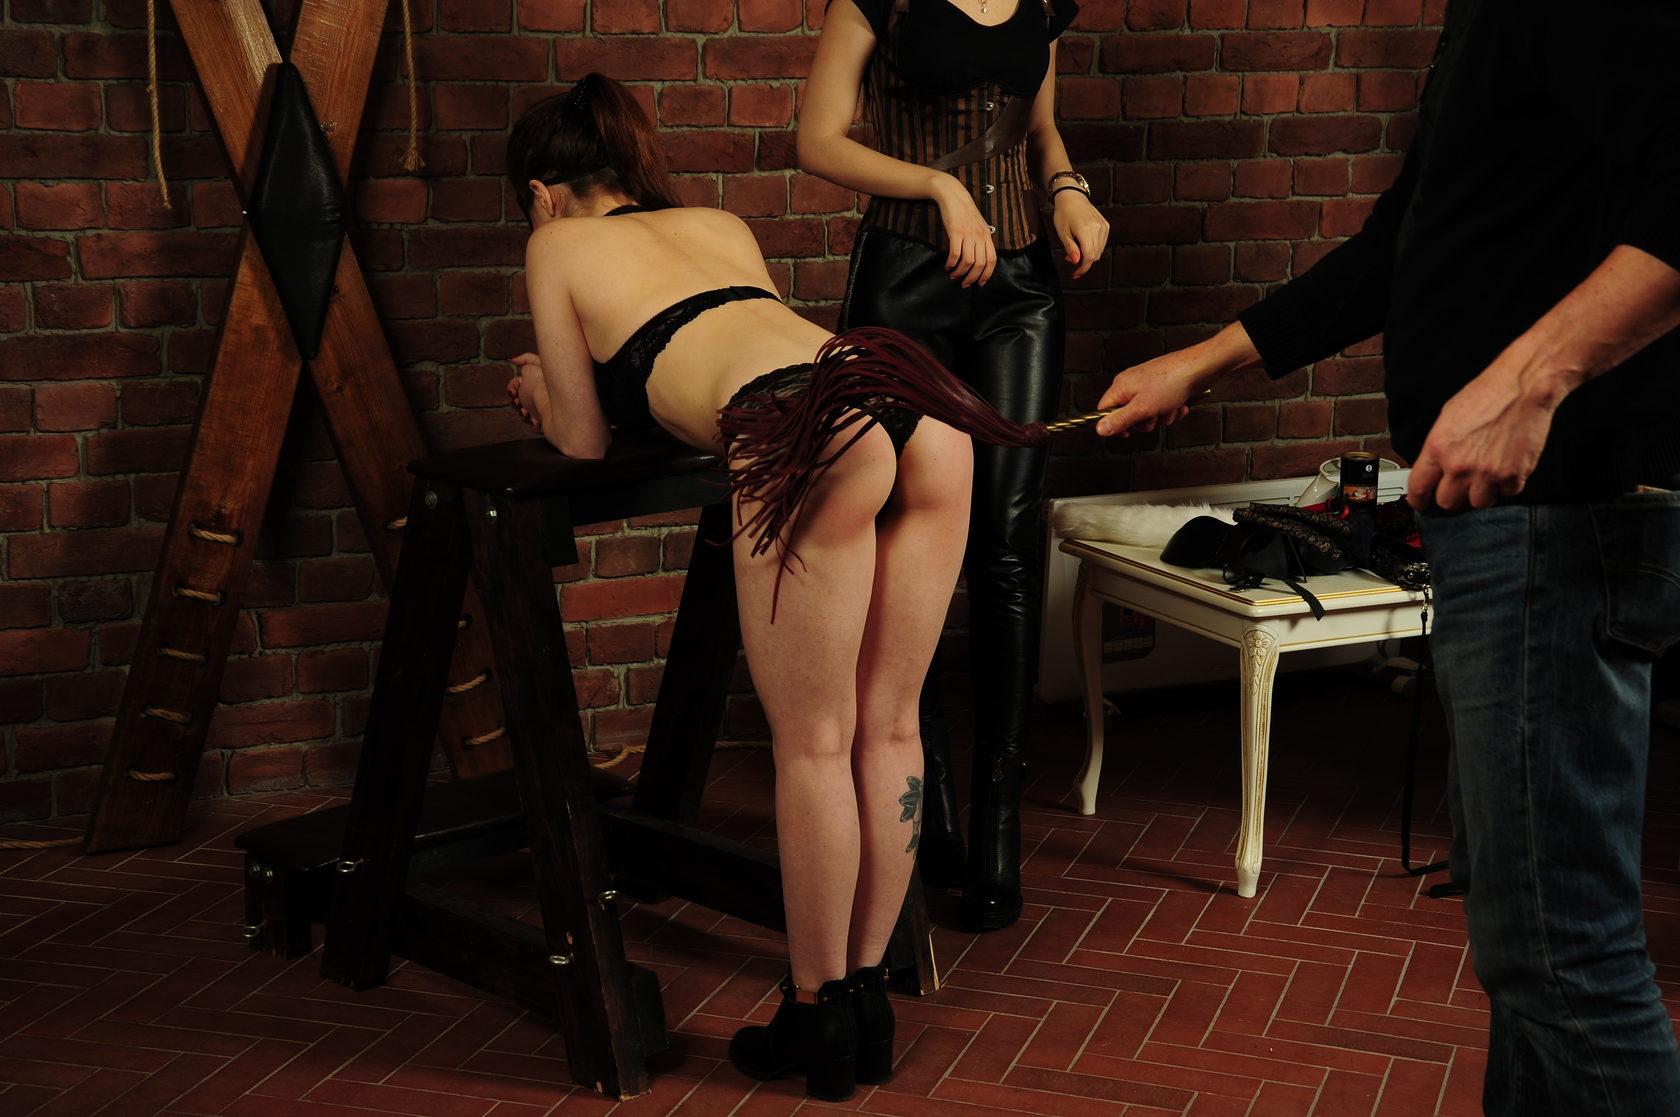 домохозяйки и рабыни фото онлайн бдсм - 5